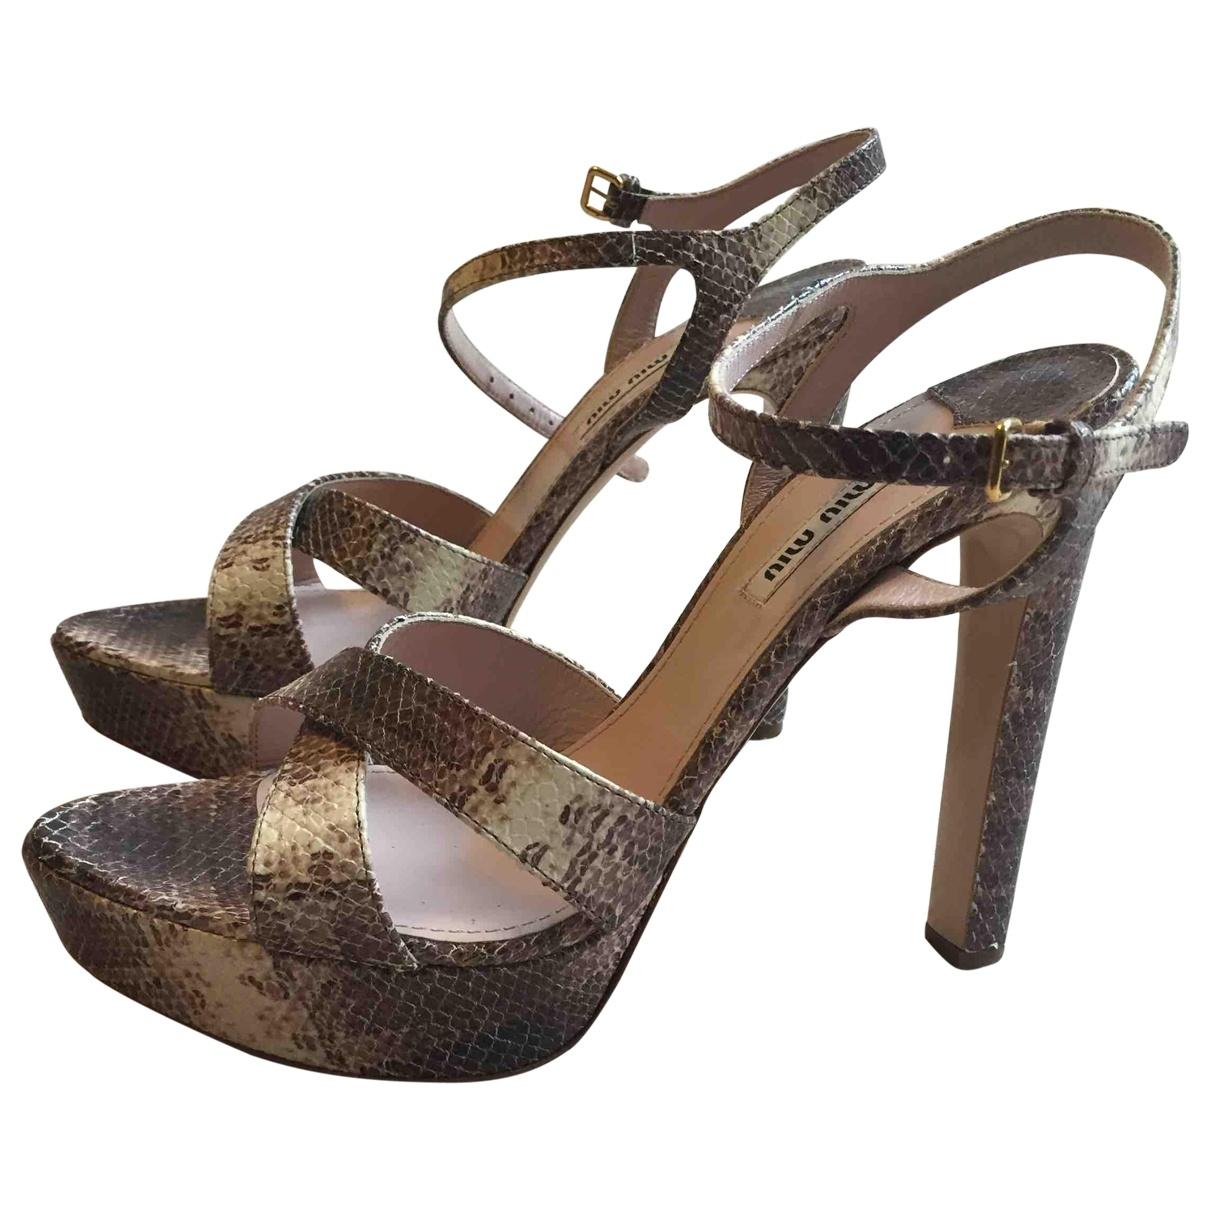 Sandalias de Piton Miu Miu